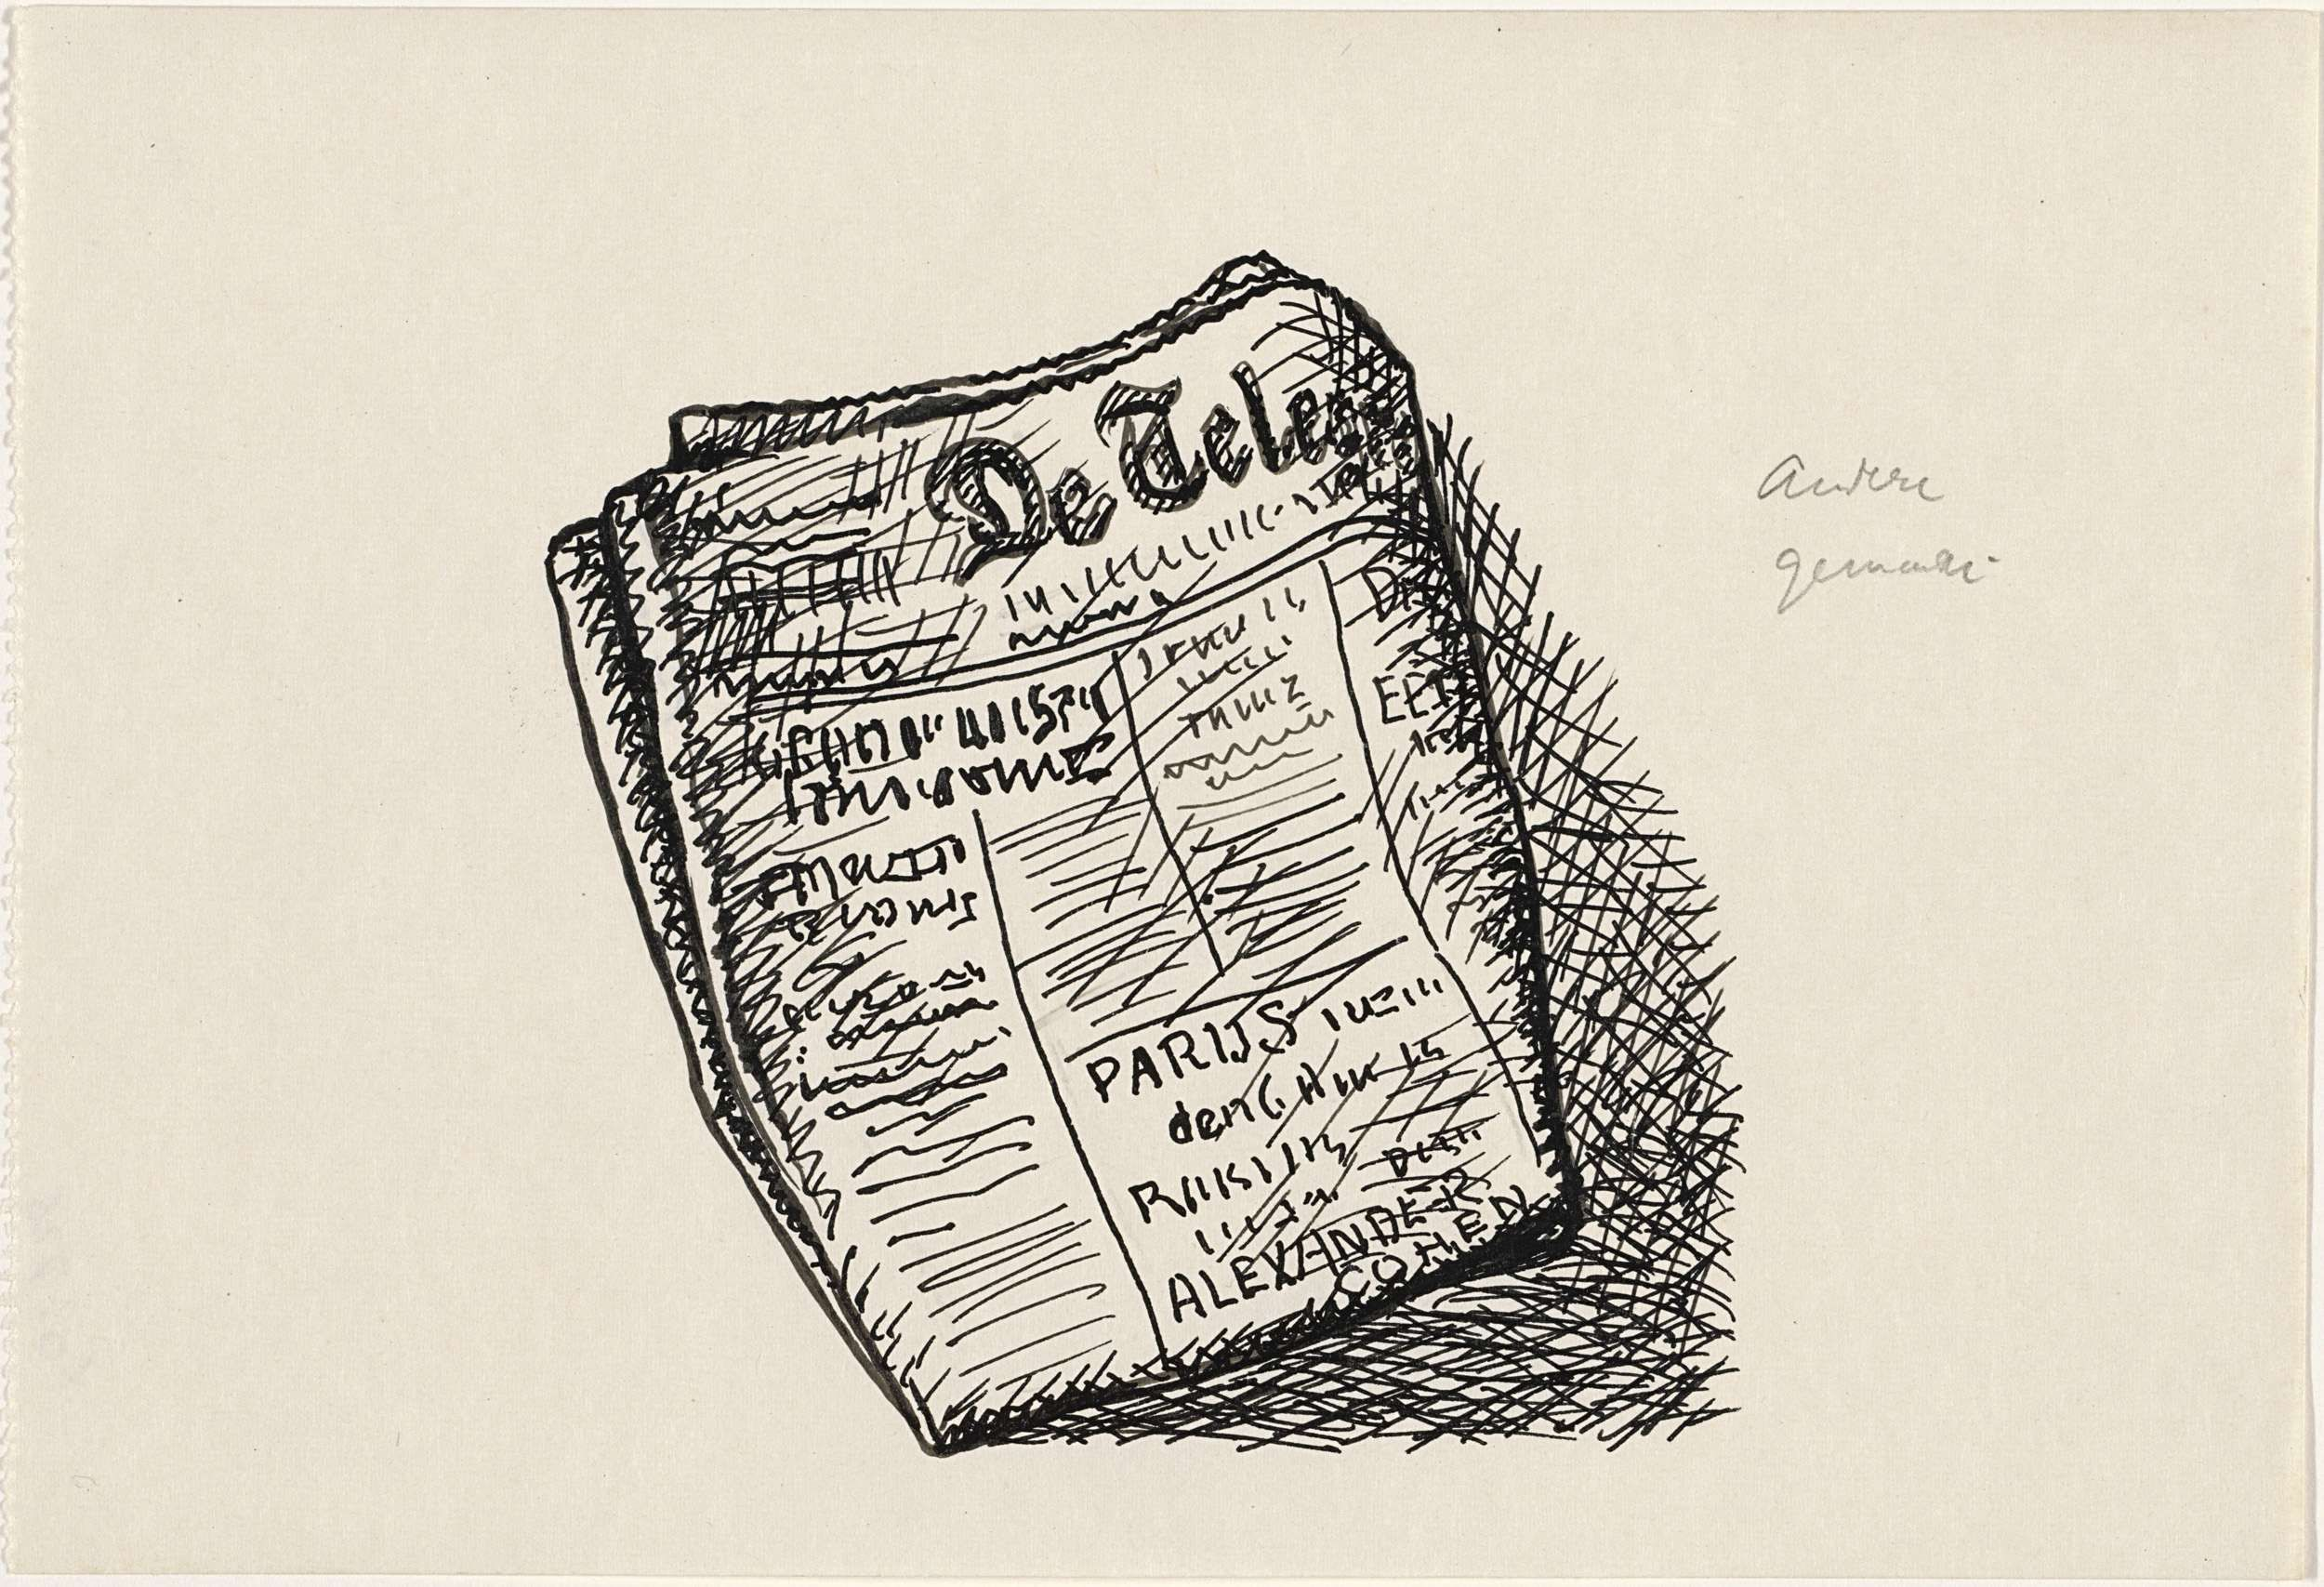 Leo Gestel | Ontwerp boekillustratie voor Alexander Cohen's Van Anarchie tot Monarchie: De Telegraaf, Leo Gestel, 1891 - 1941 |